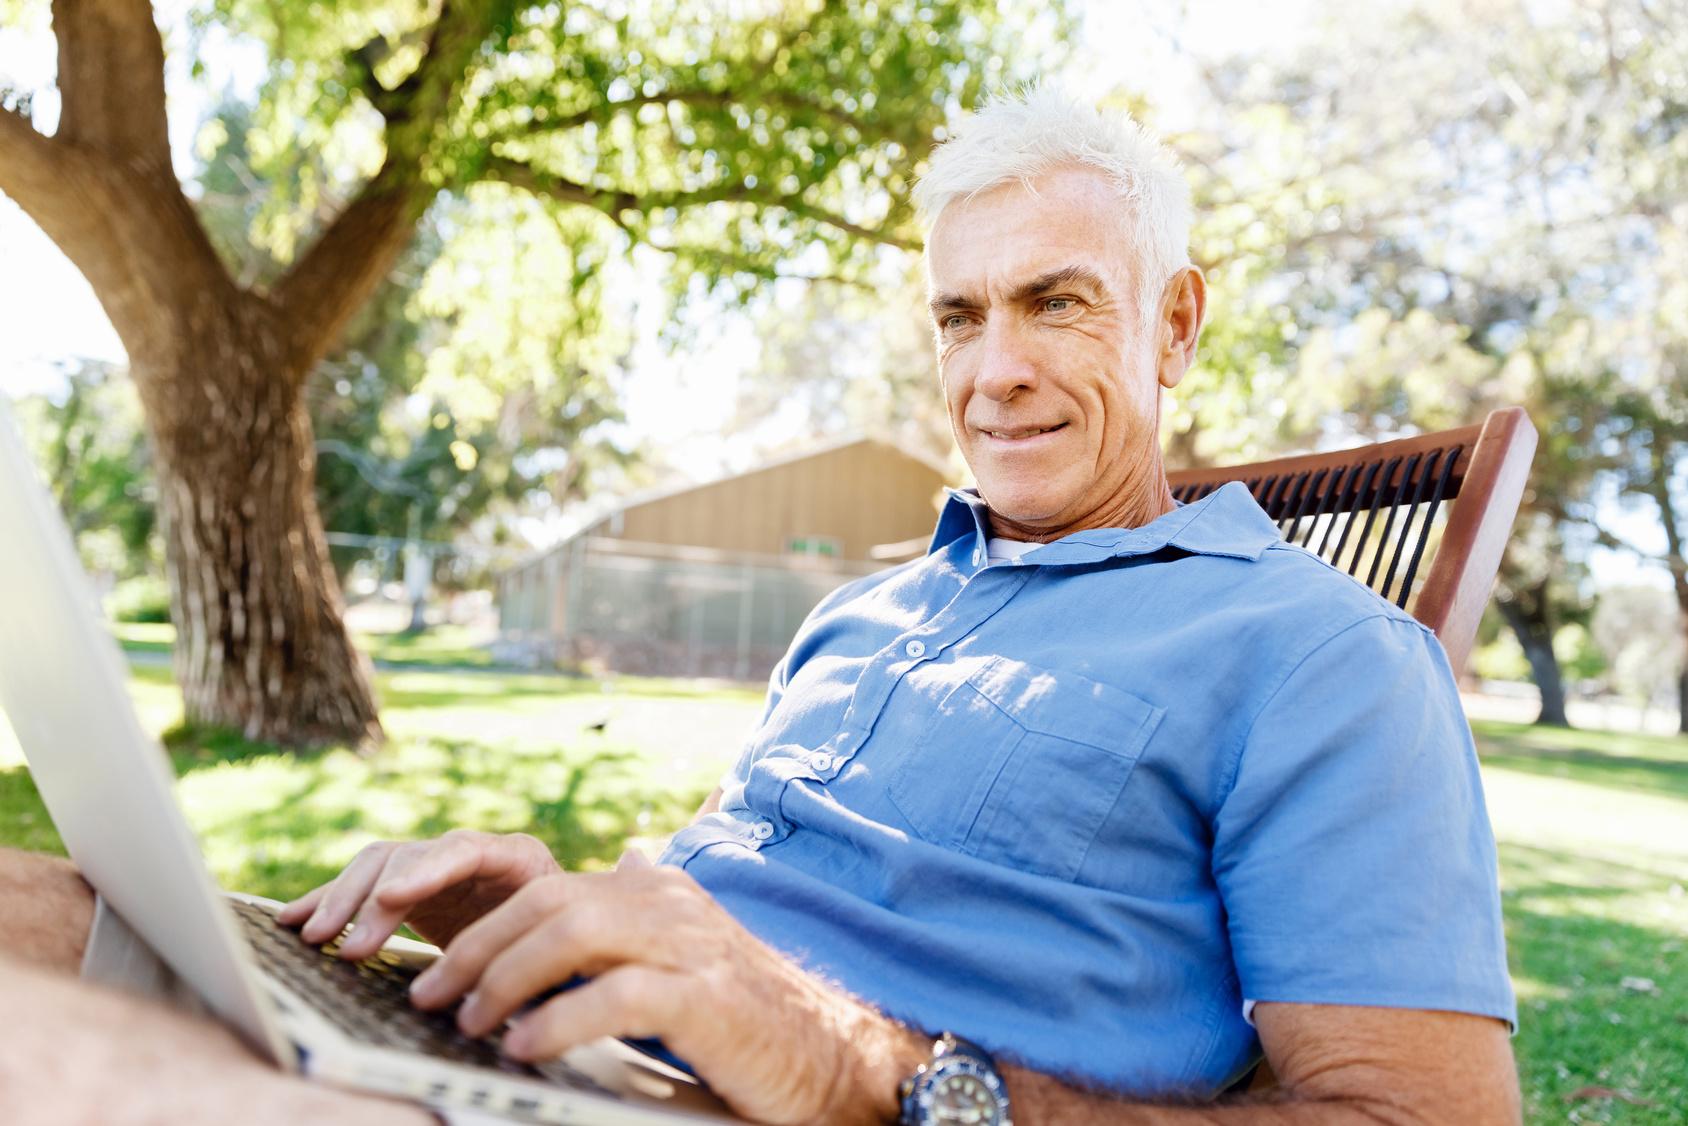 schlechtes ged chtnis durch langes sitzen im besten alter senioren haben mehr vom. Black Bedroom Furniture Sets. Home Design Ideas